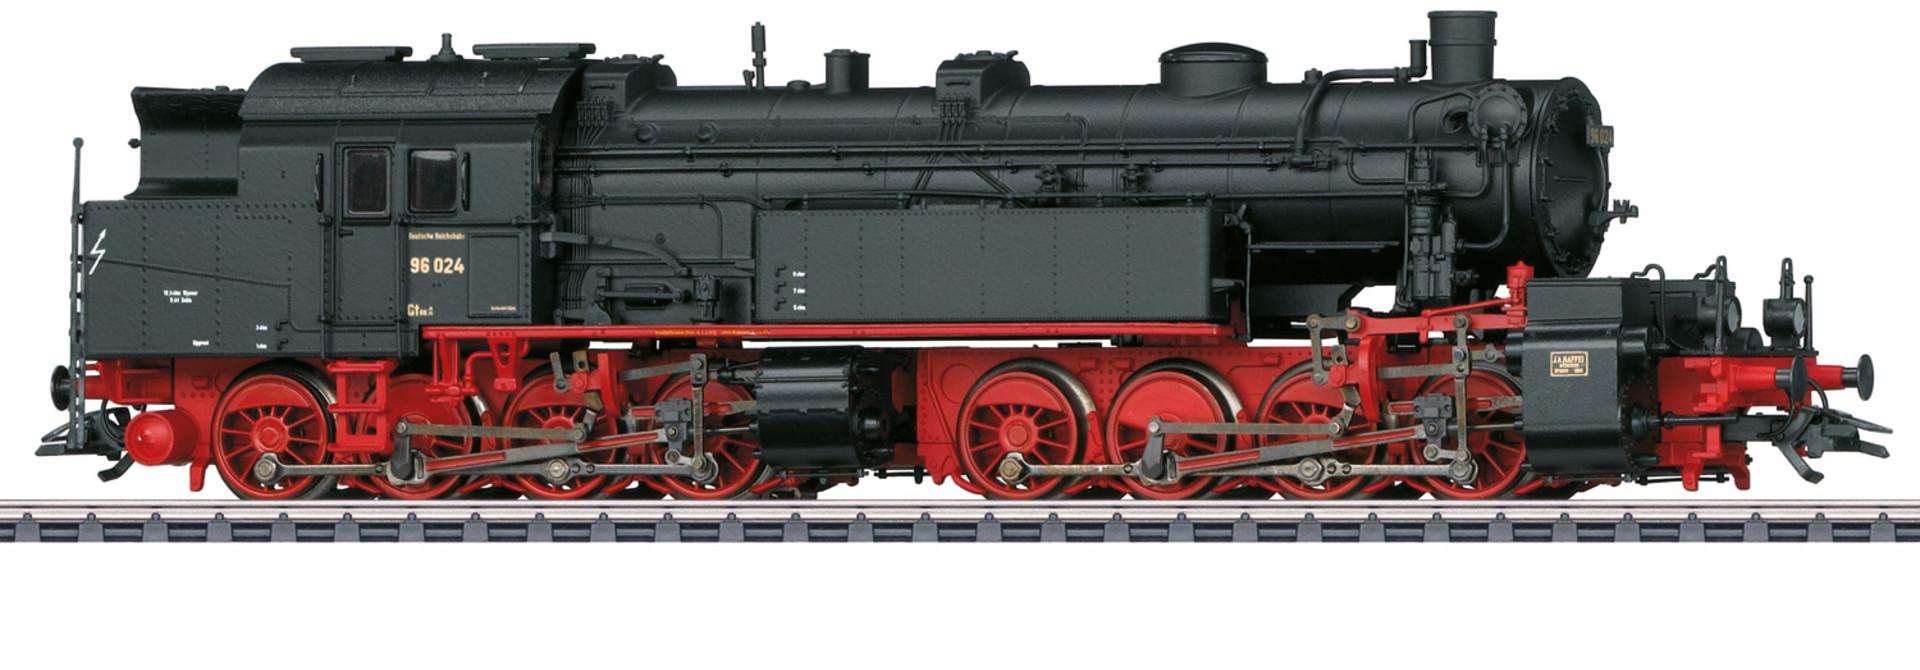 39961 Dampflok Baureihe 96 DRG